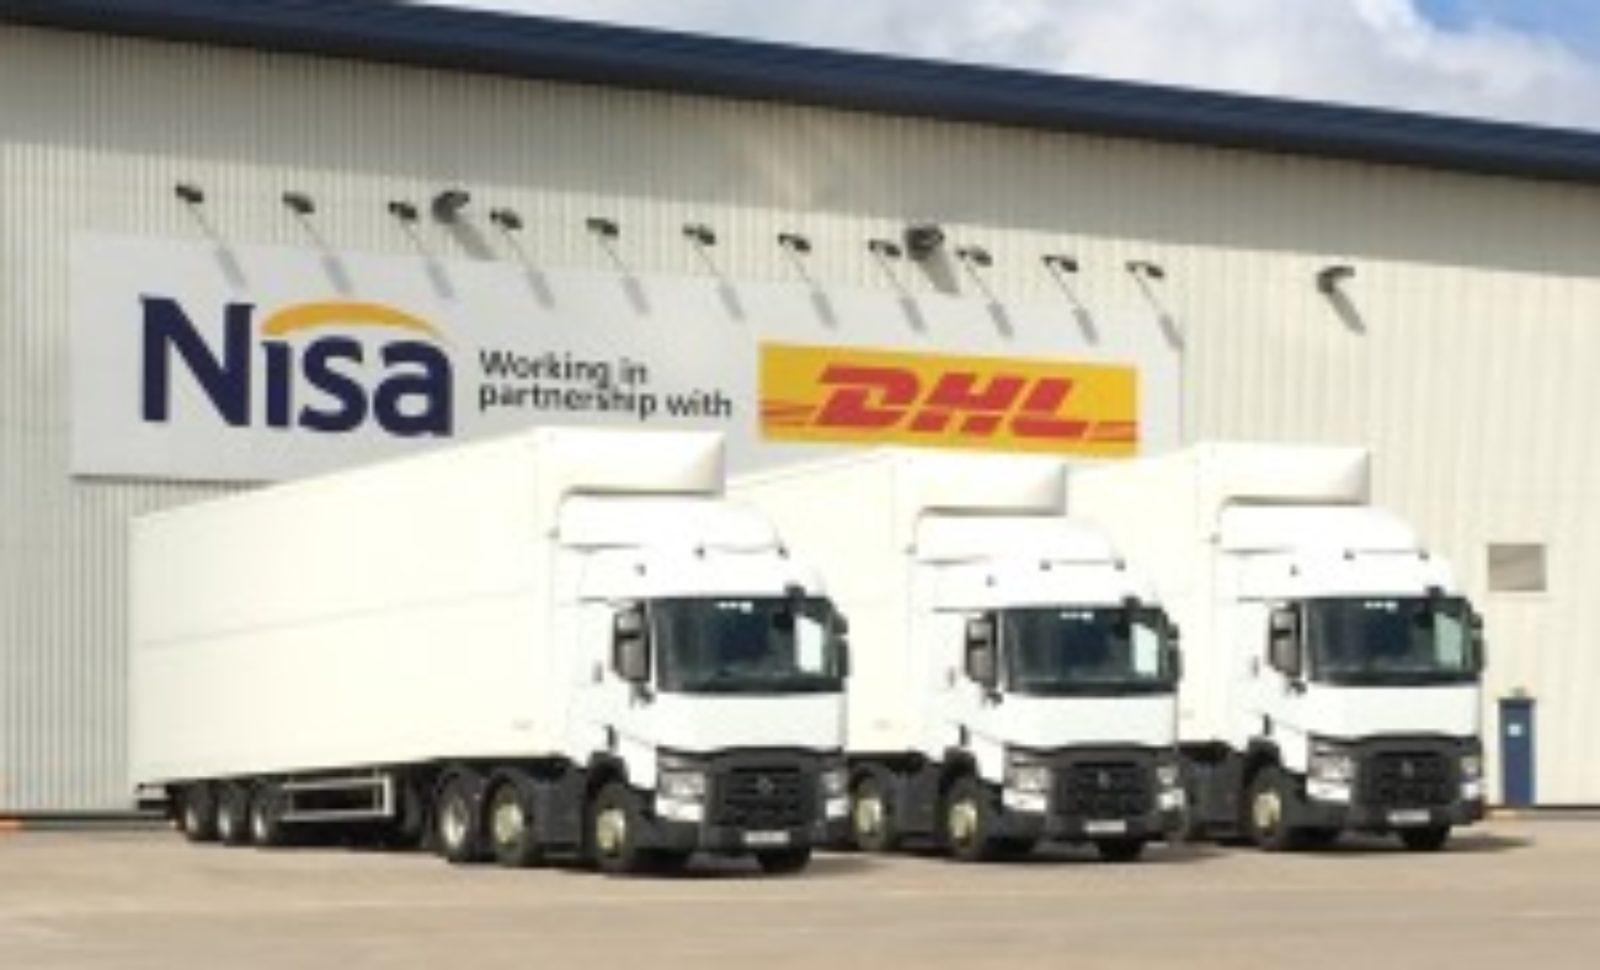 Nisa board back Co-op's £137.5m takeover offer